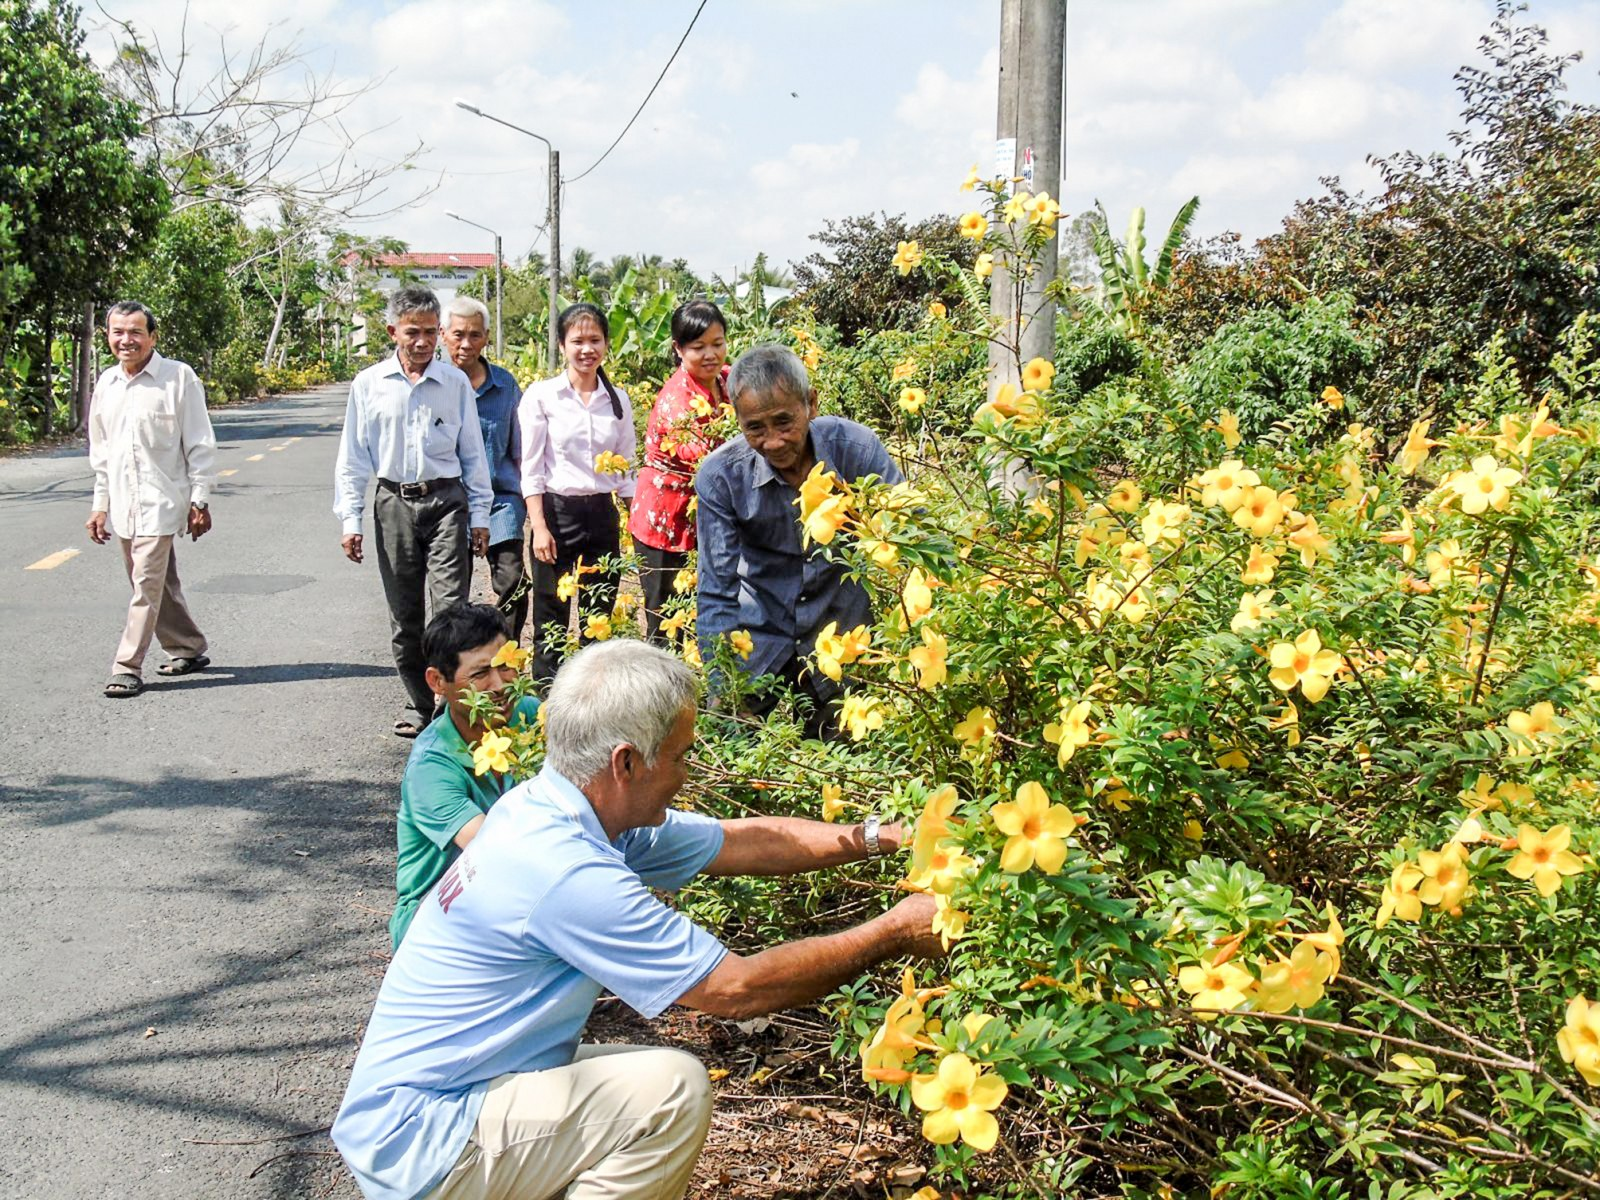 Các cán bộ xã Trường Long cùng nhân dân vệ sinh môi trường, xây dựng tuyến đường đẹp. Ảnh: THANH THY